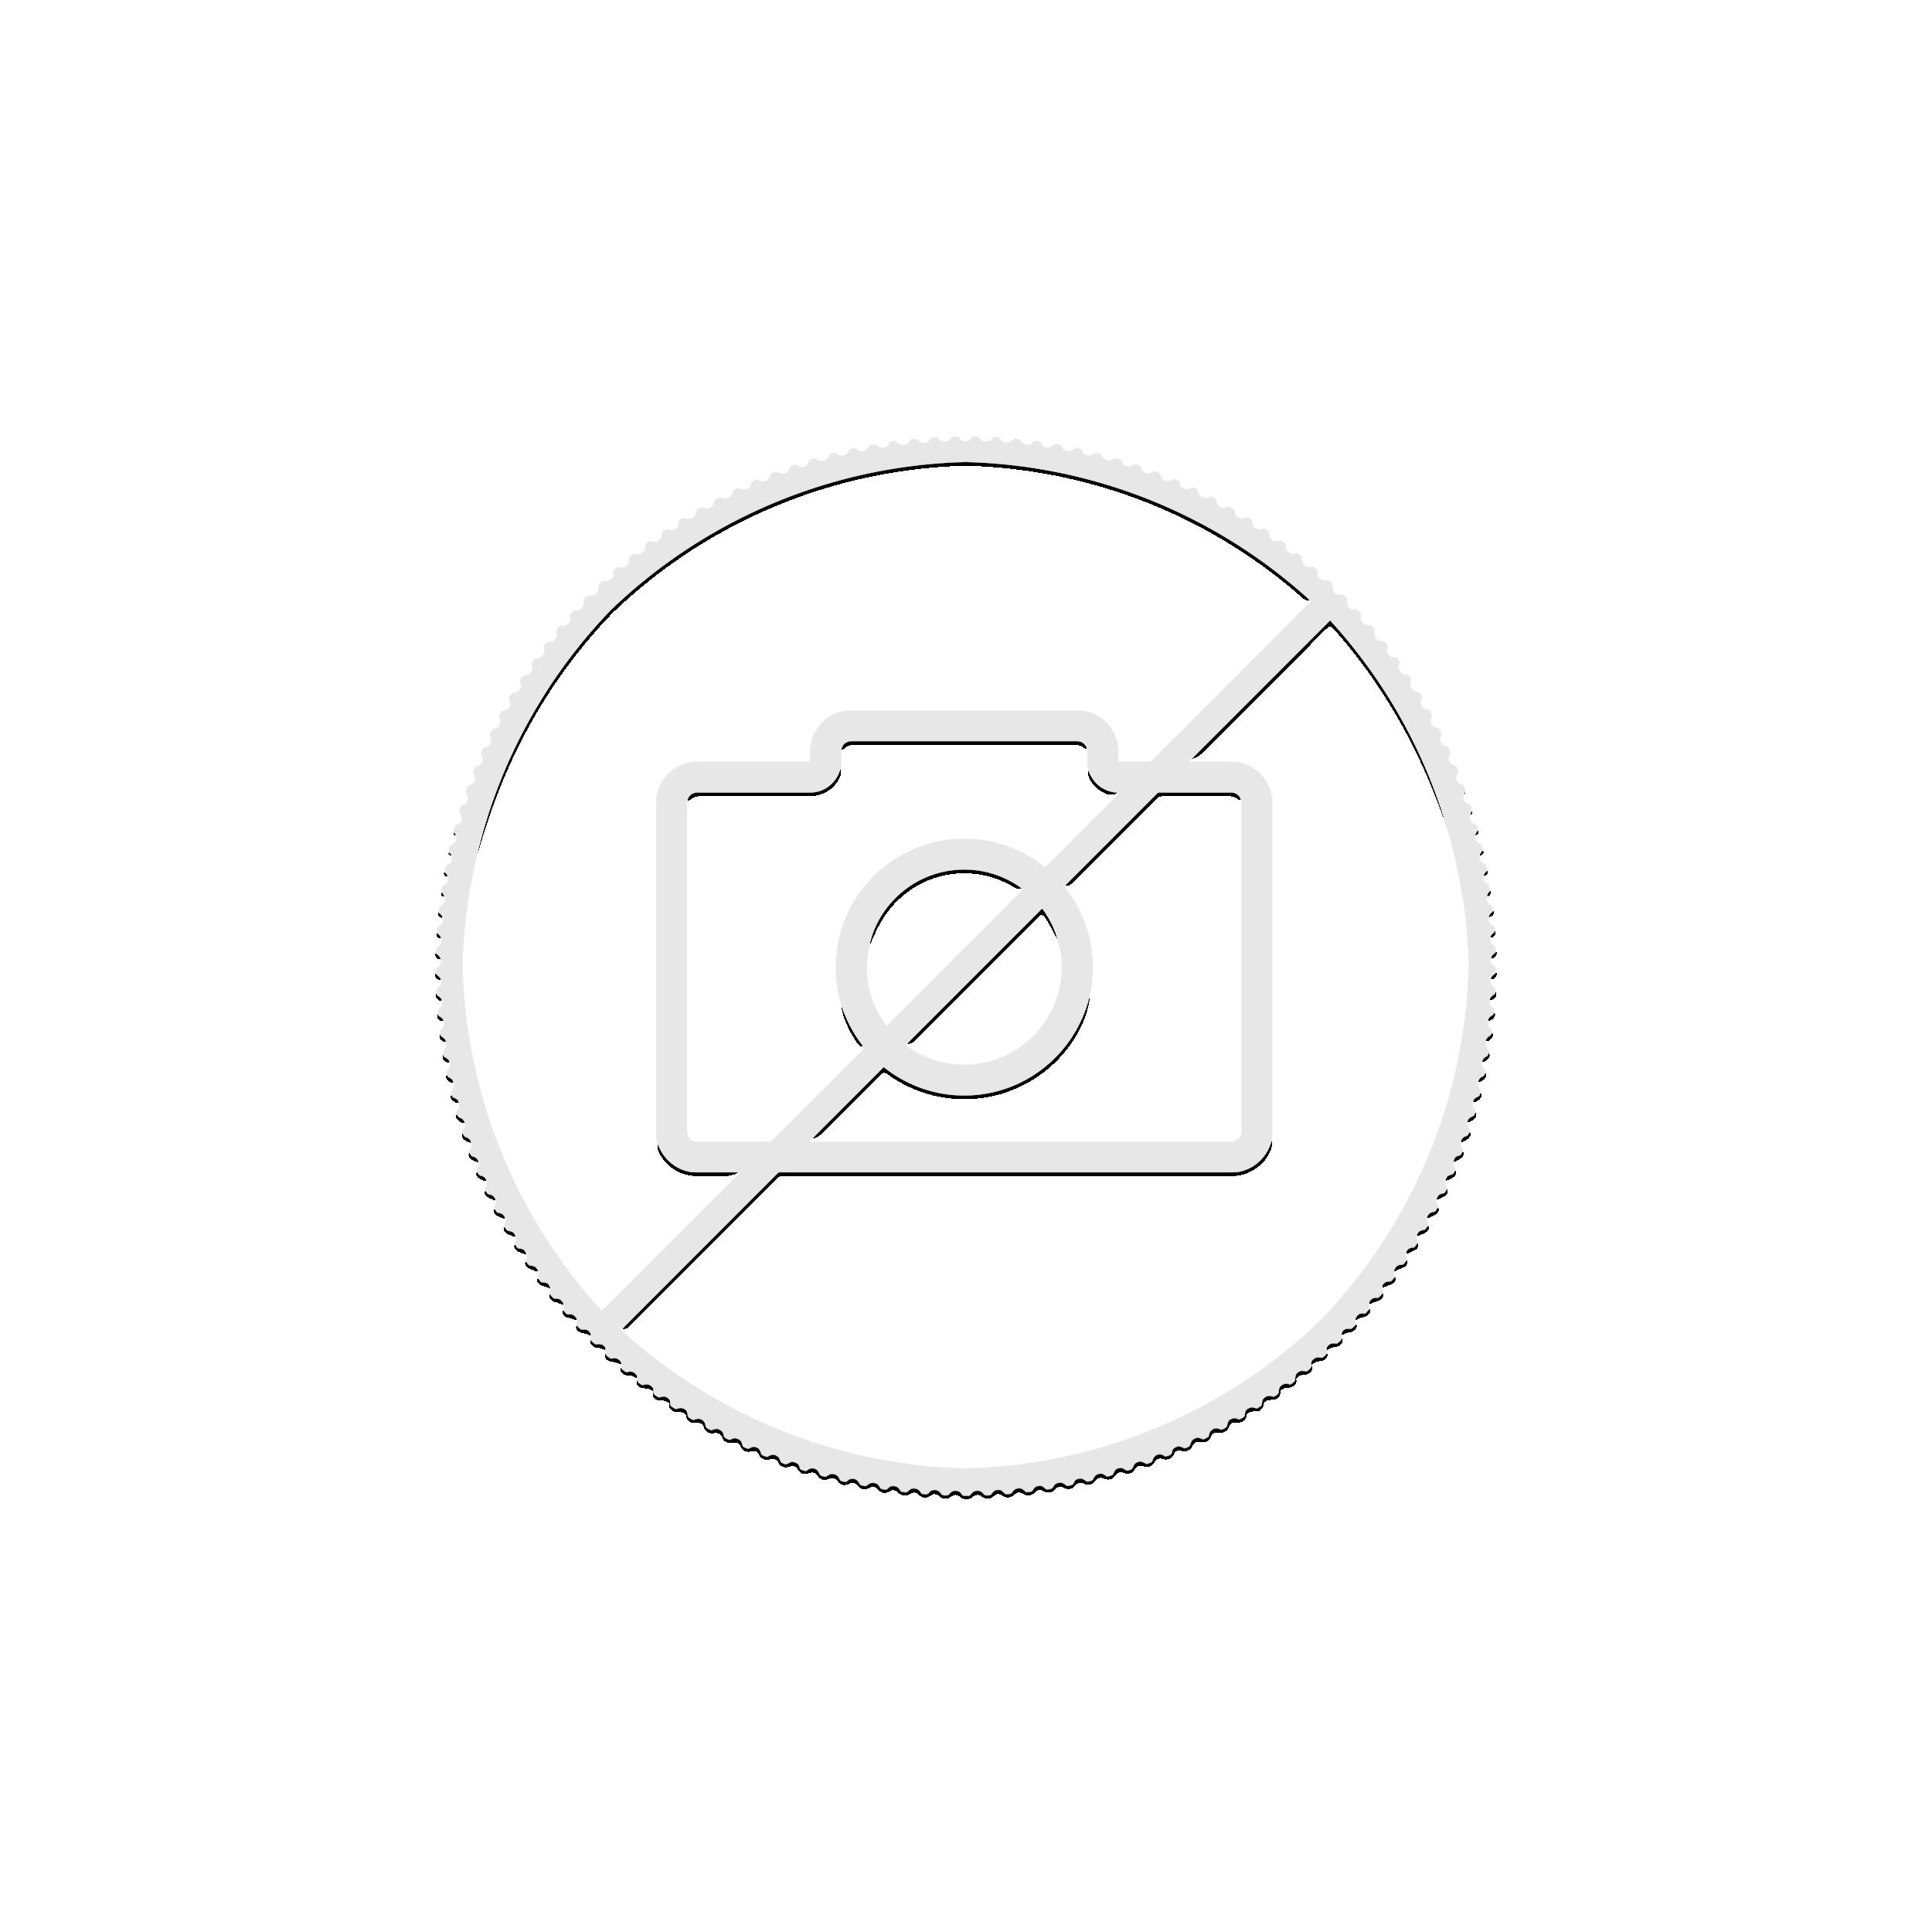 1 Troy ounce zilveren munt Emoe 2020 Proof